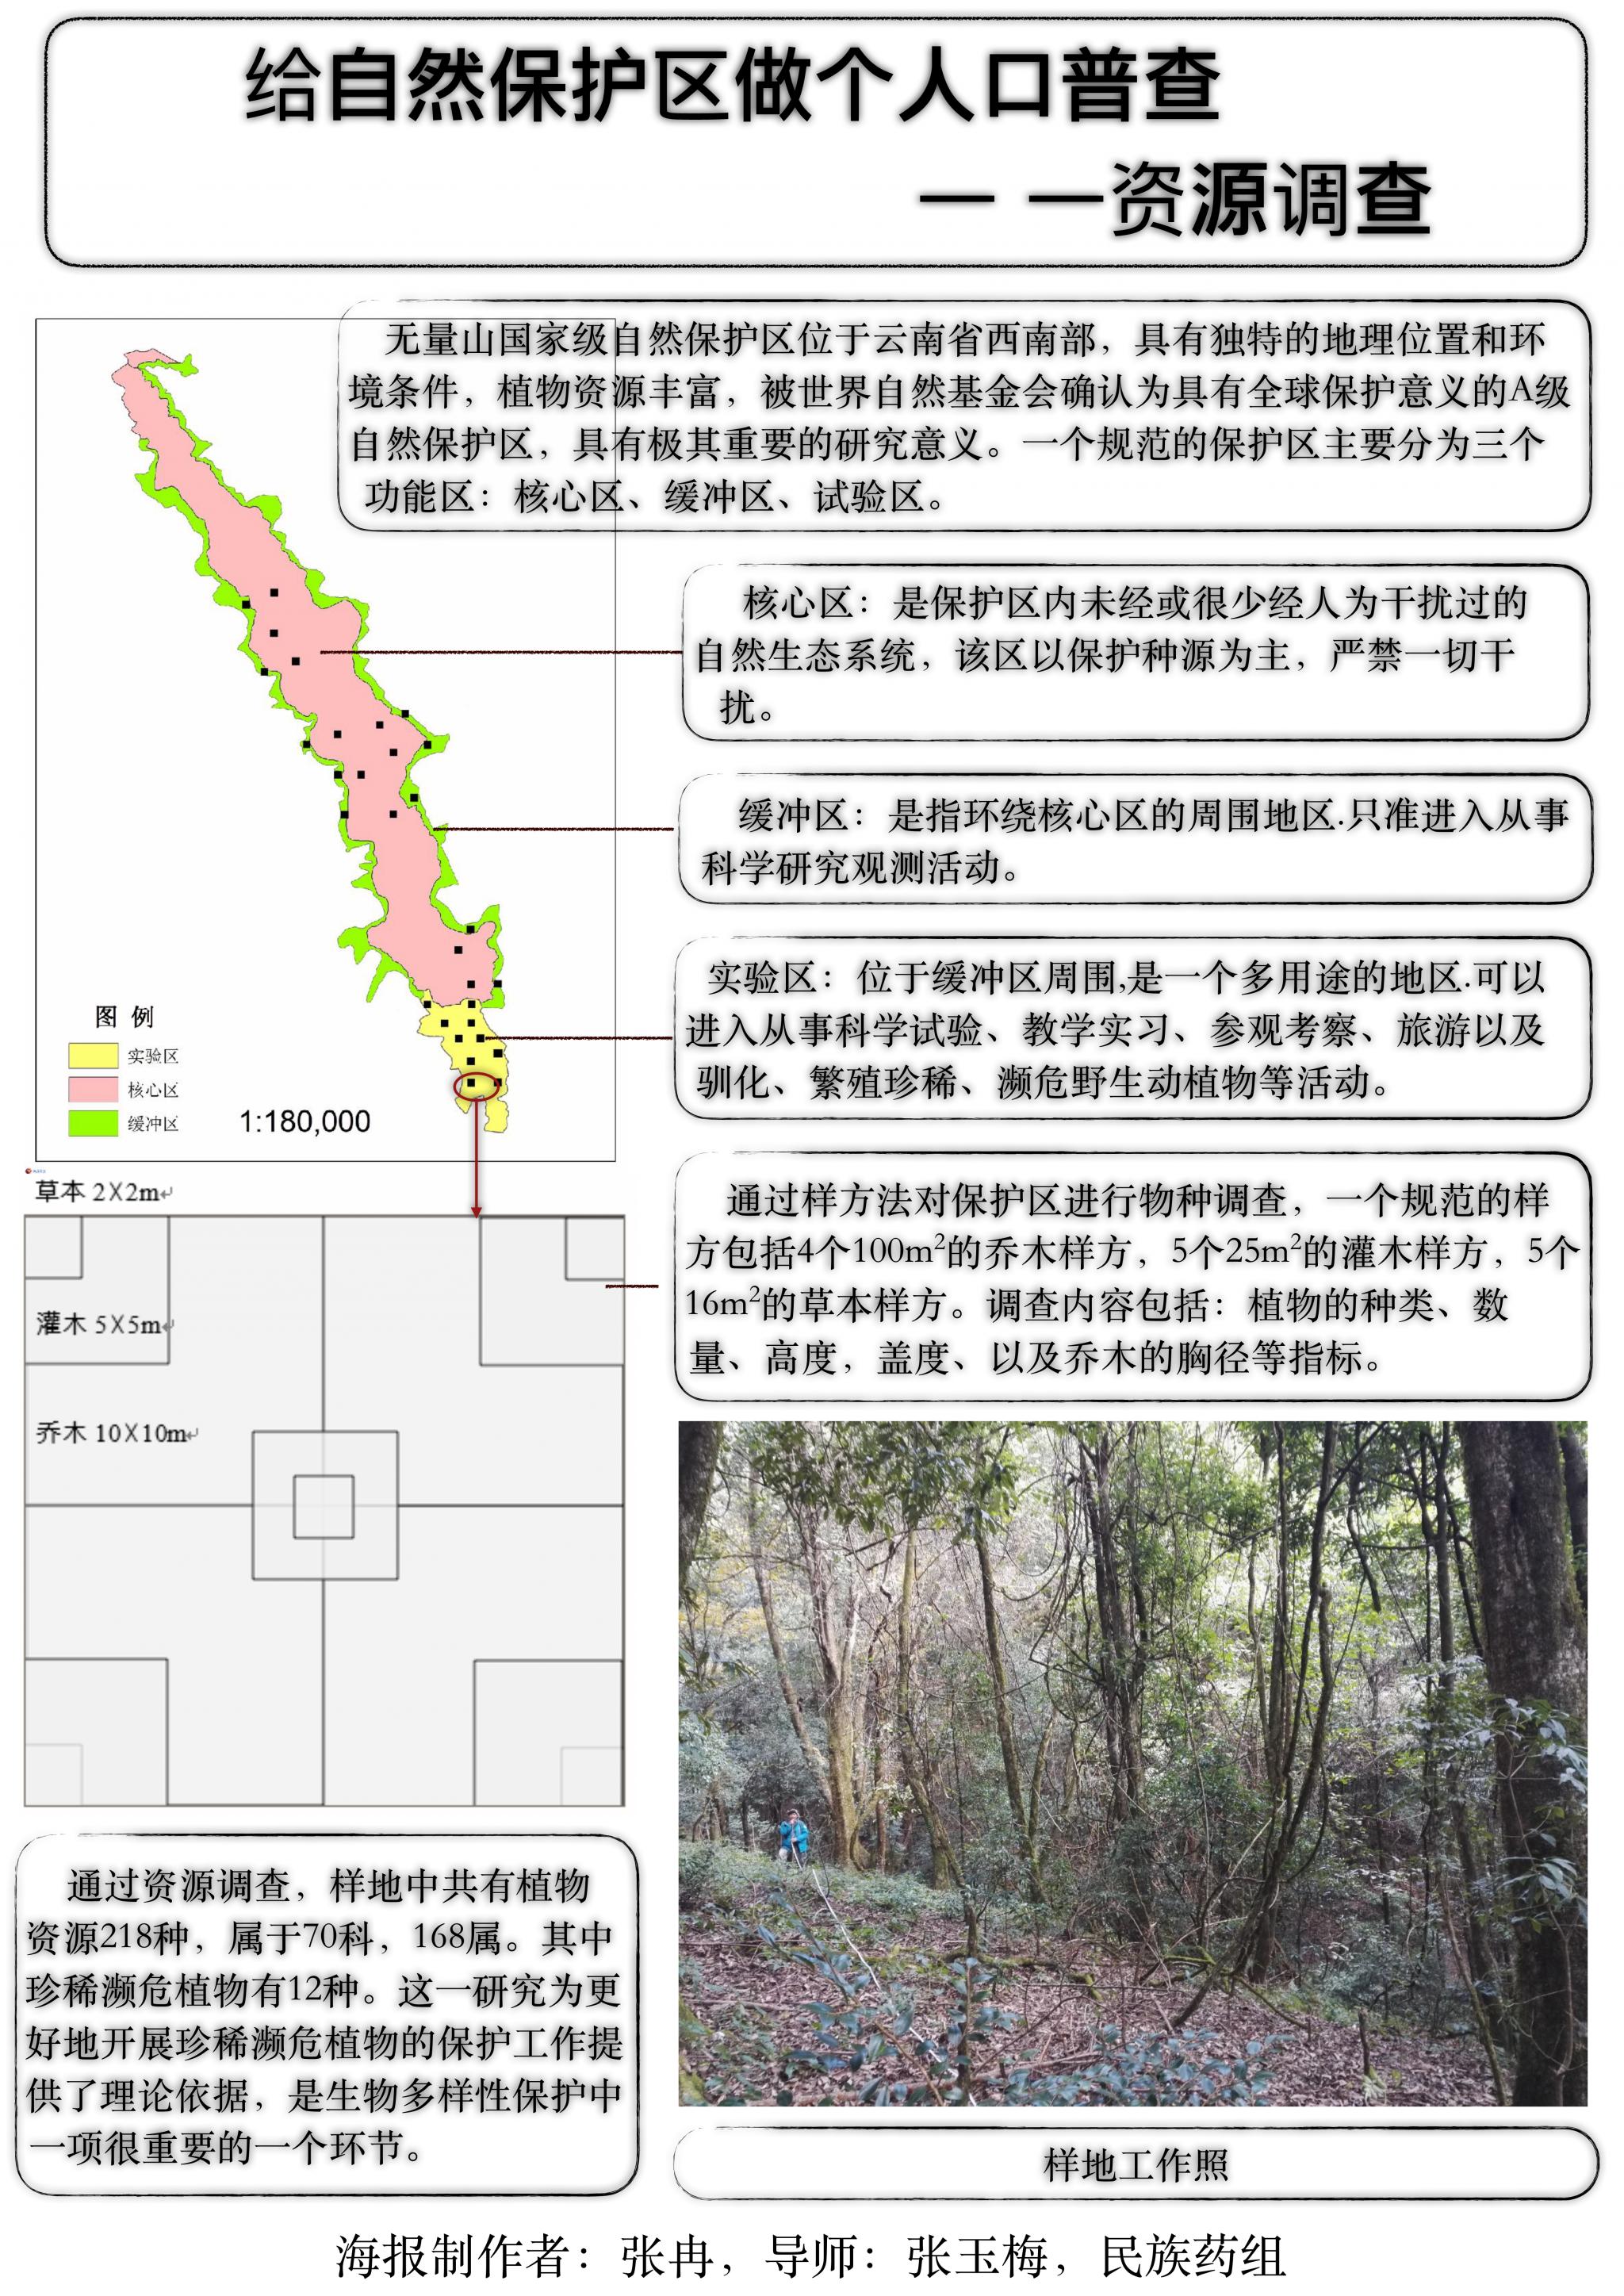 张冉 给自然保护区做个人口普查